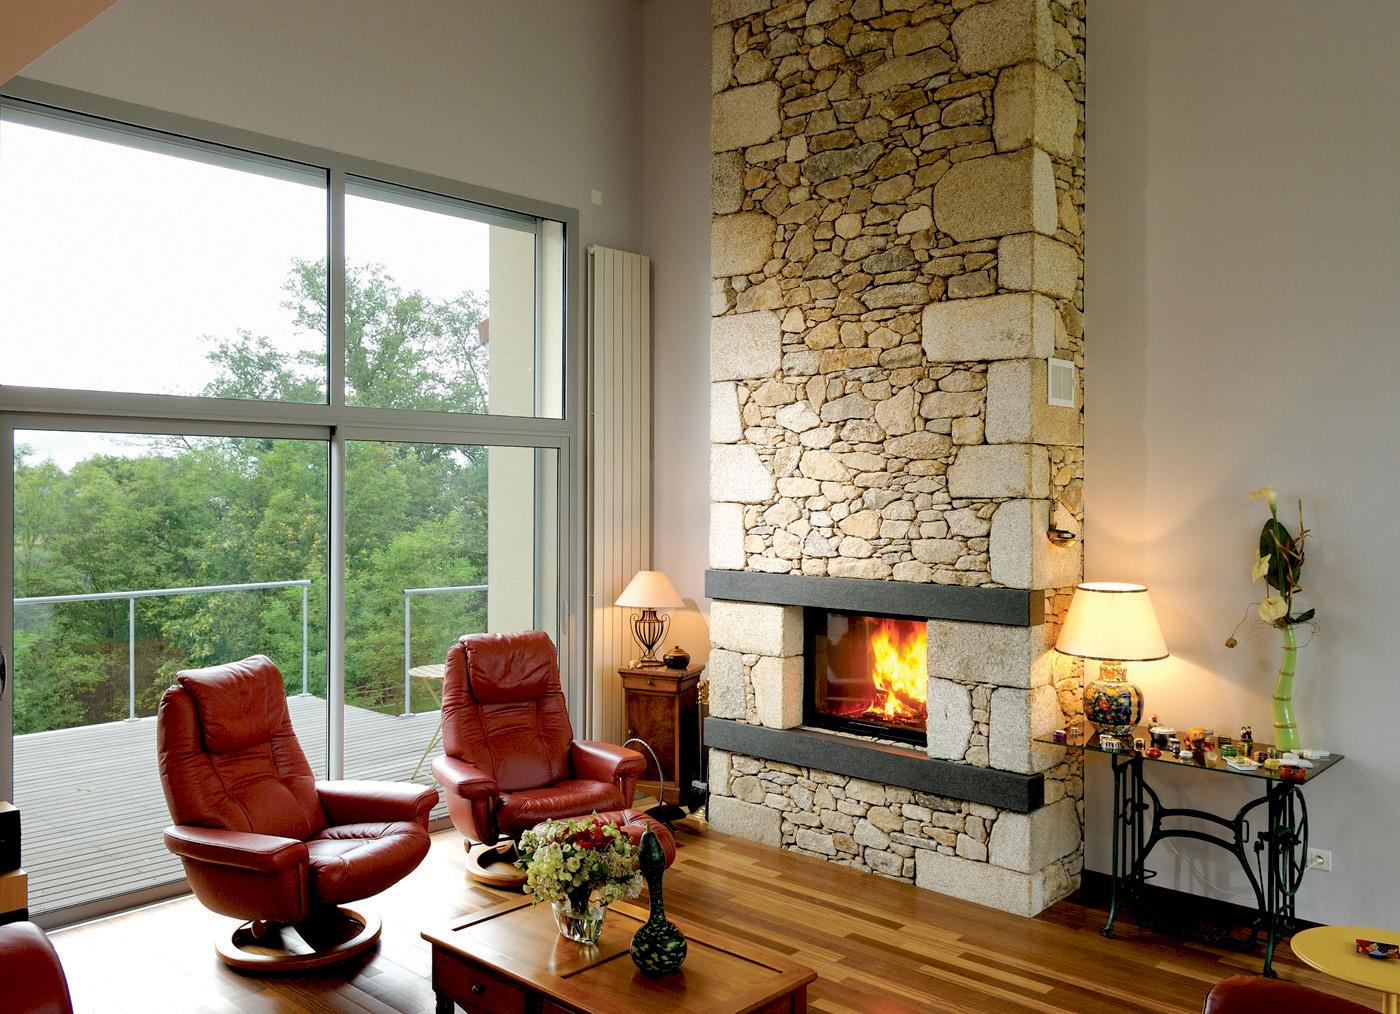 chemin e ruegg une chaleur partager en famille et entre amis. Black Bedroom Furniture Sets. Home Design Ideas